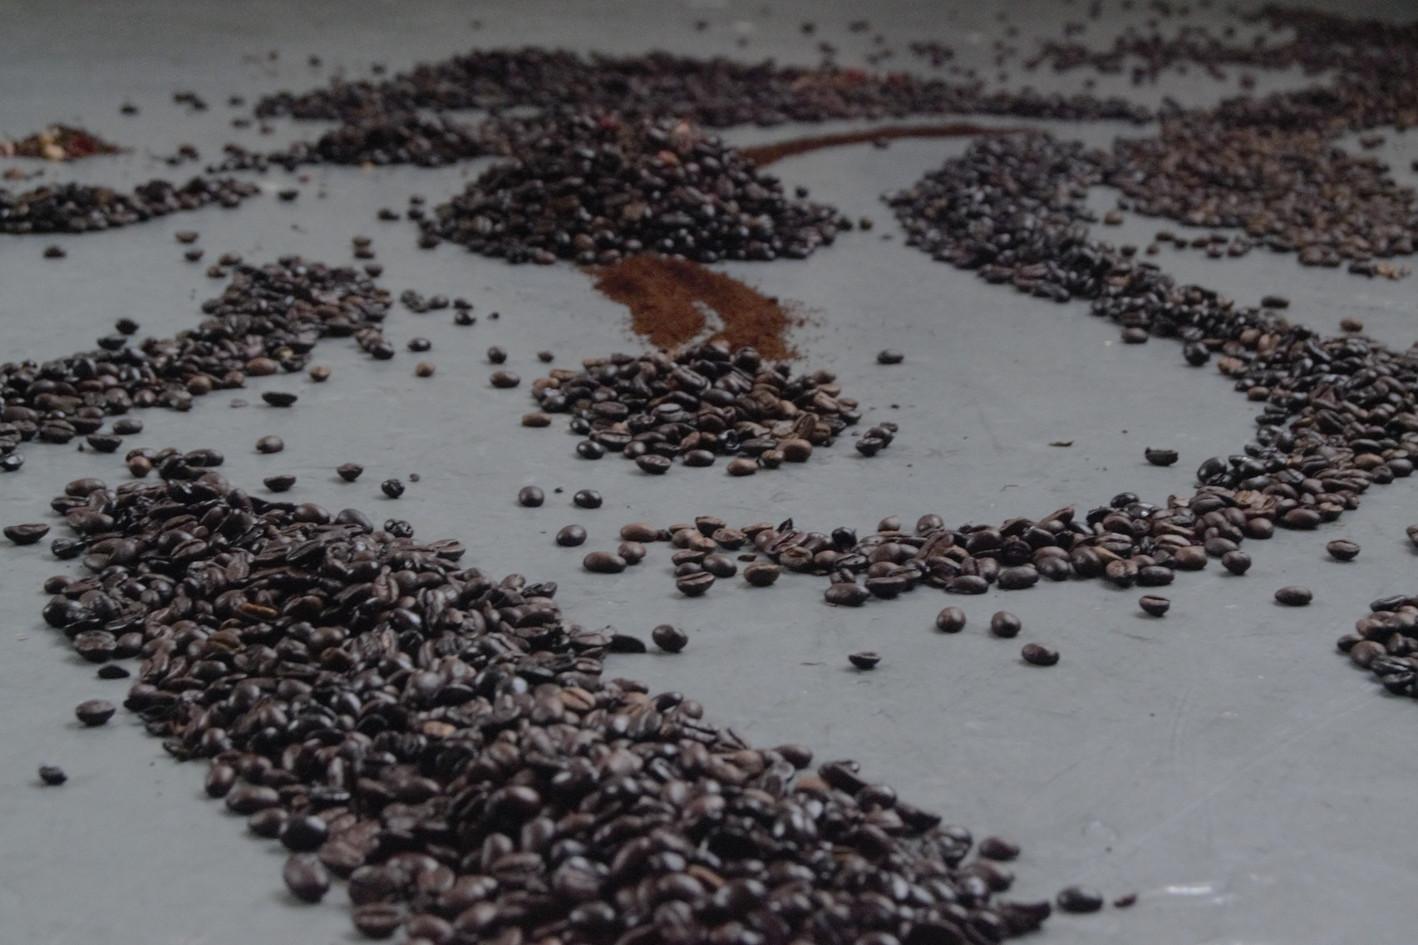 coffeeinstallation0006 (3).jpg